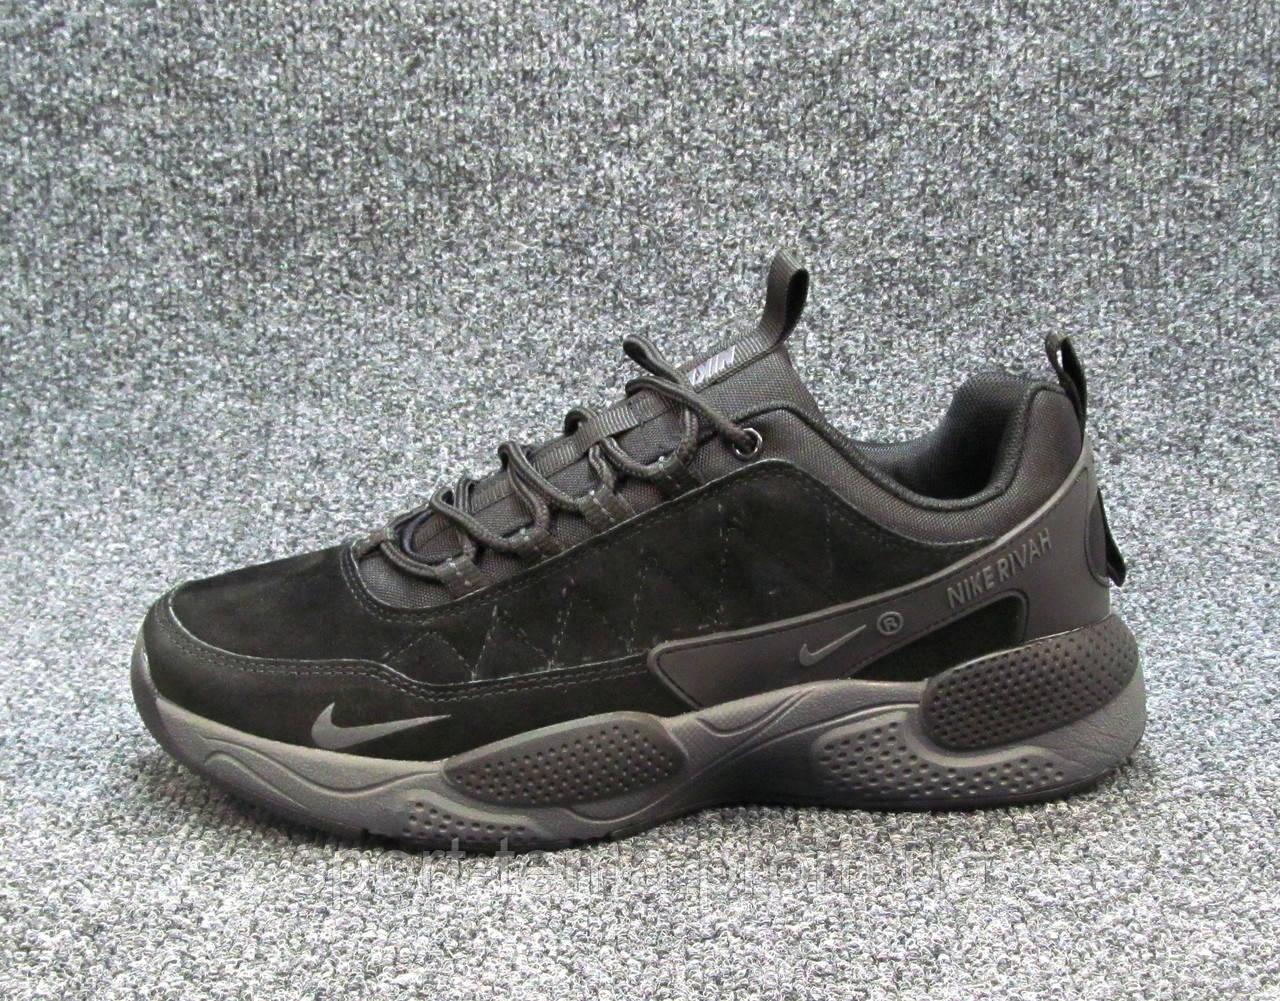 4eb9dbf7 Кроссовки Мужские Nike Rivah Черные (р.42,43,44,46) — в Категории ...